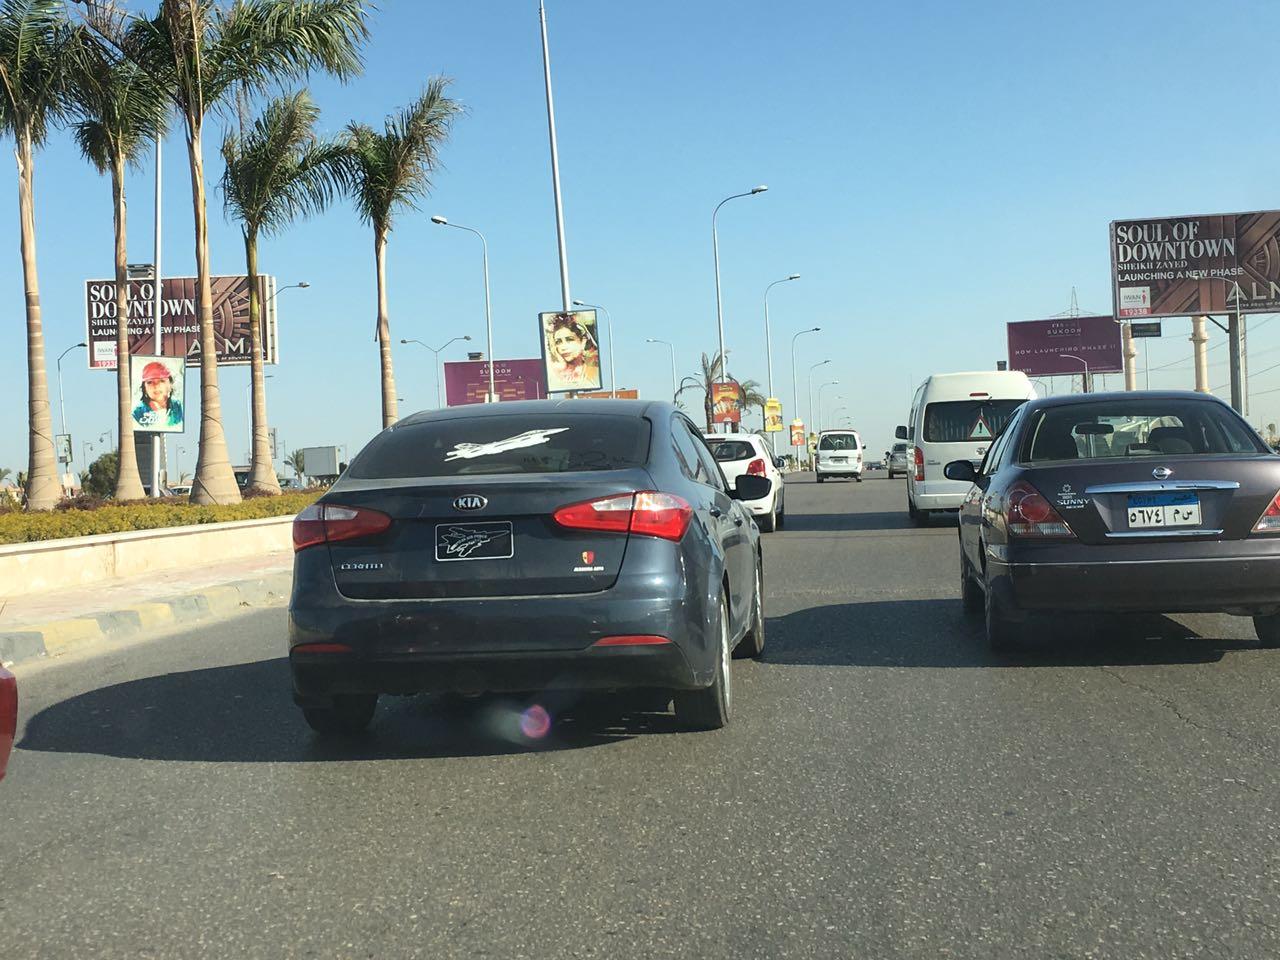 سيارات بلوحات مخالفة تتحرك بحرية بشوارع الجيزة (صور)